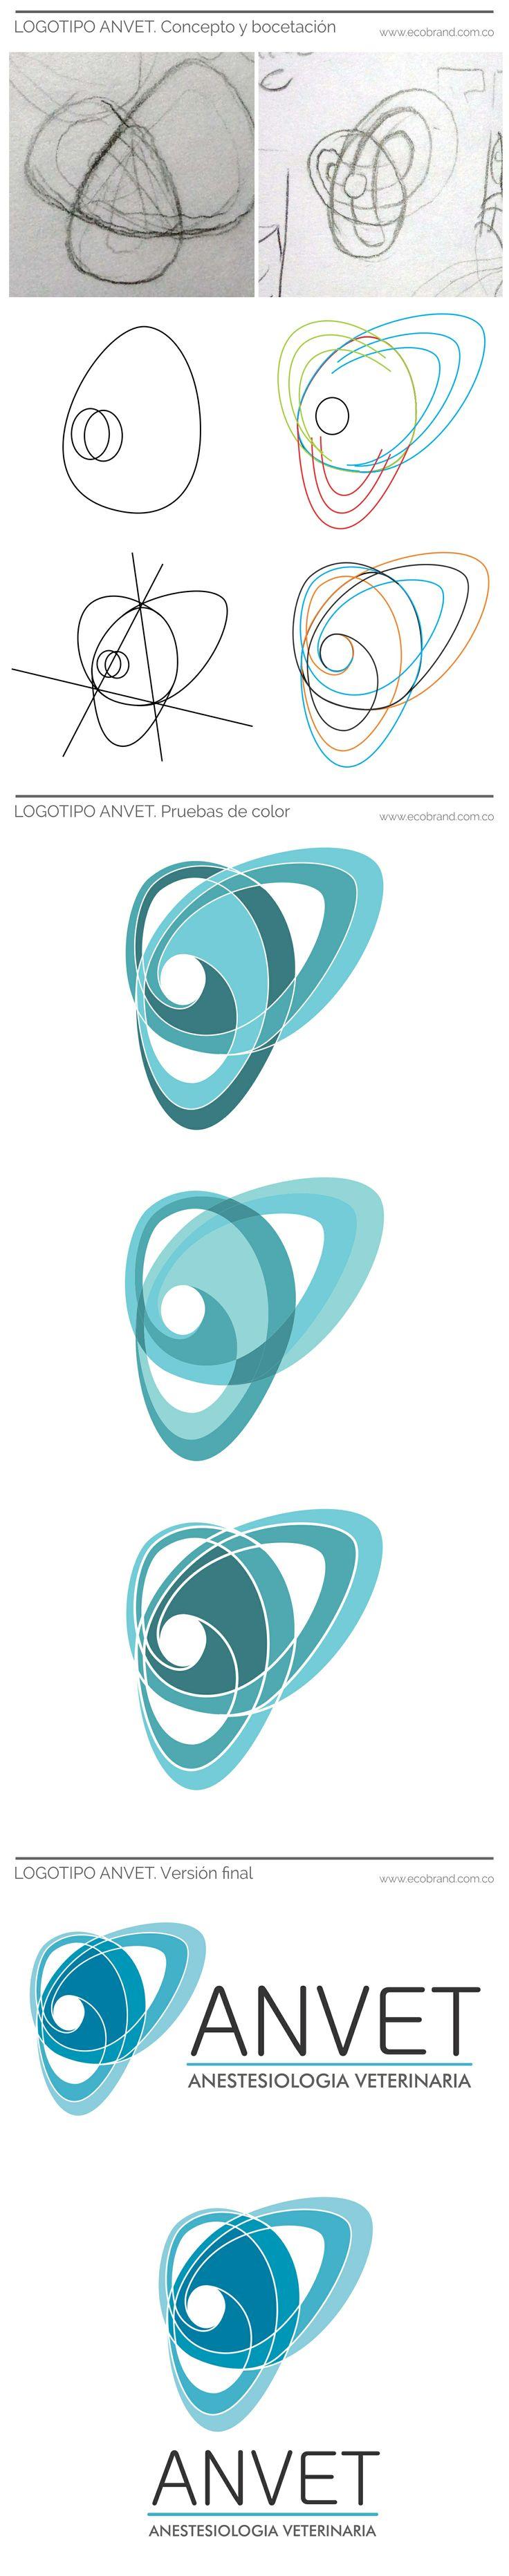 """Proceso de Diseño de logotipo para la marca """"ANVET/Anestesiología Veterinaria"""""""